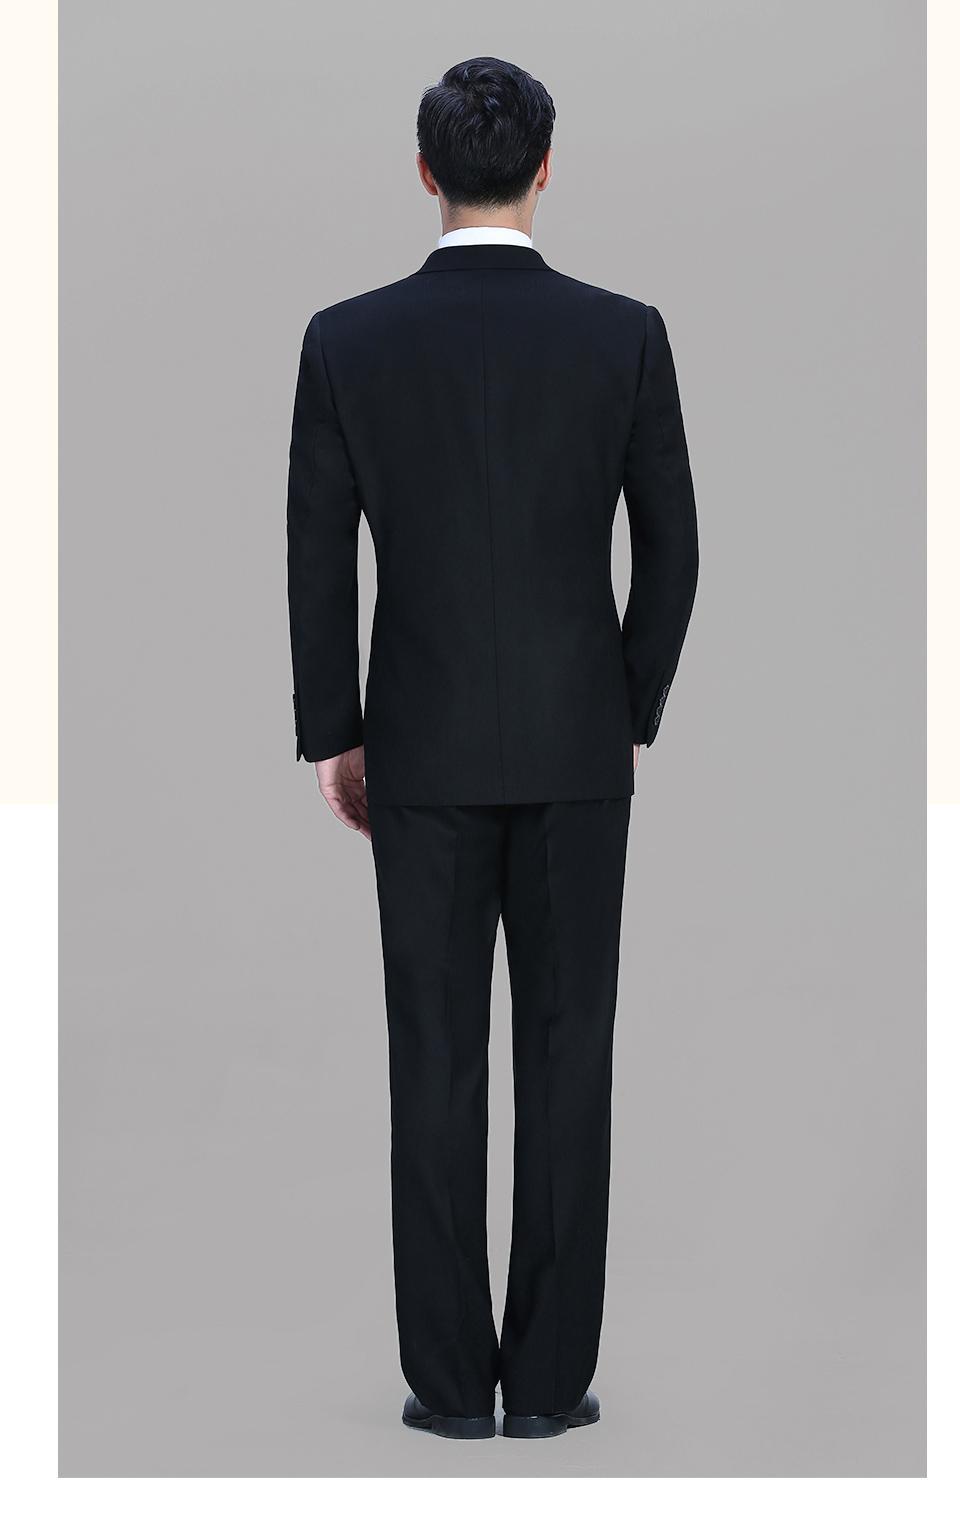 黑色男士休闲商务西服FX002